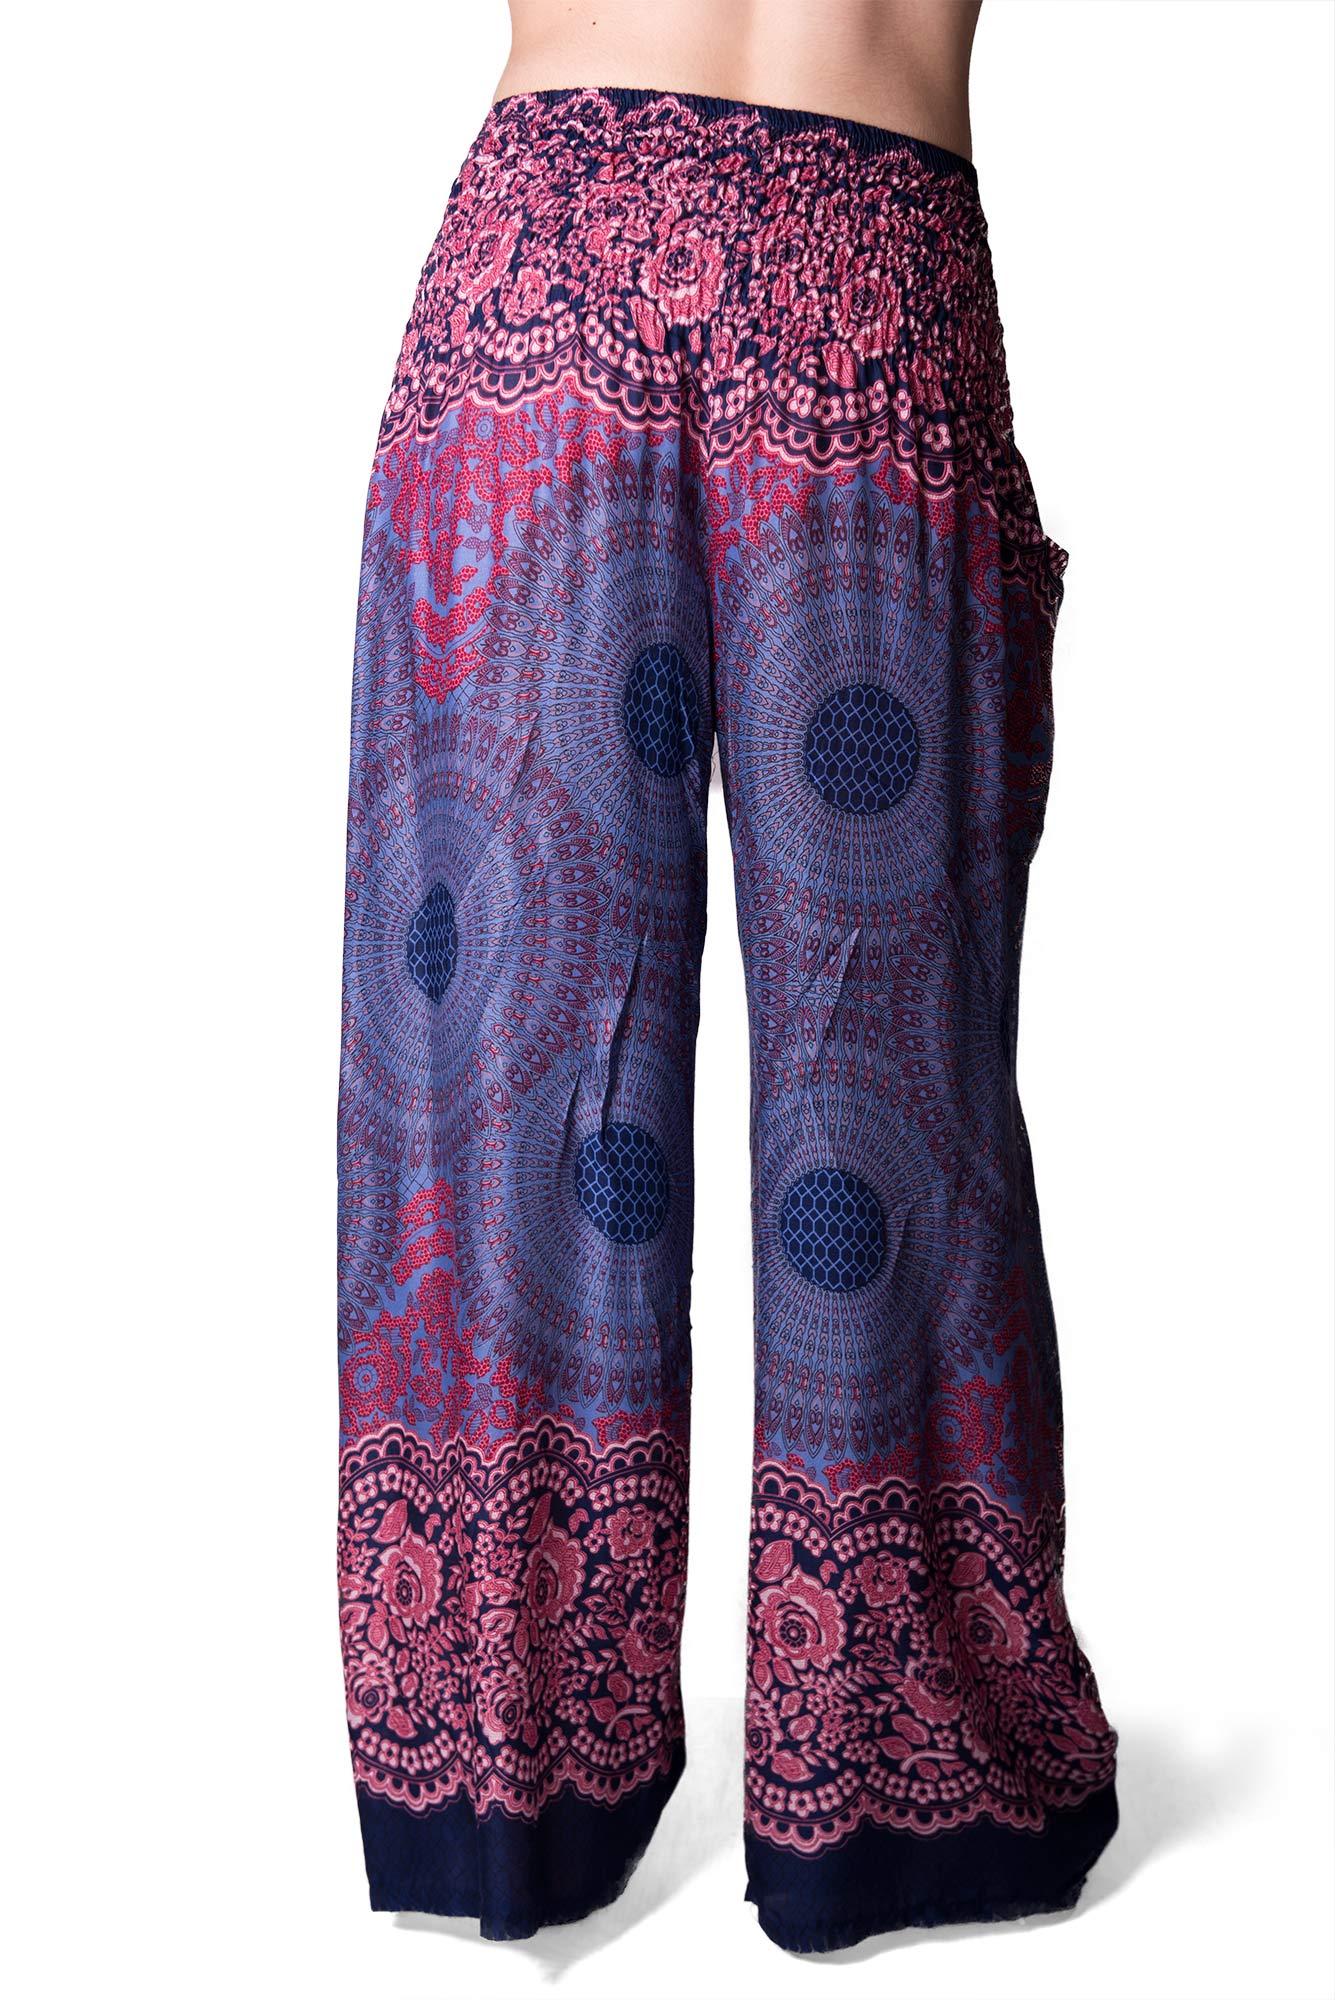 Honeycomb Print Wide Leg Pants - Purple